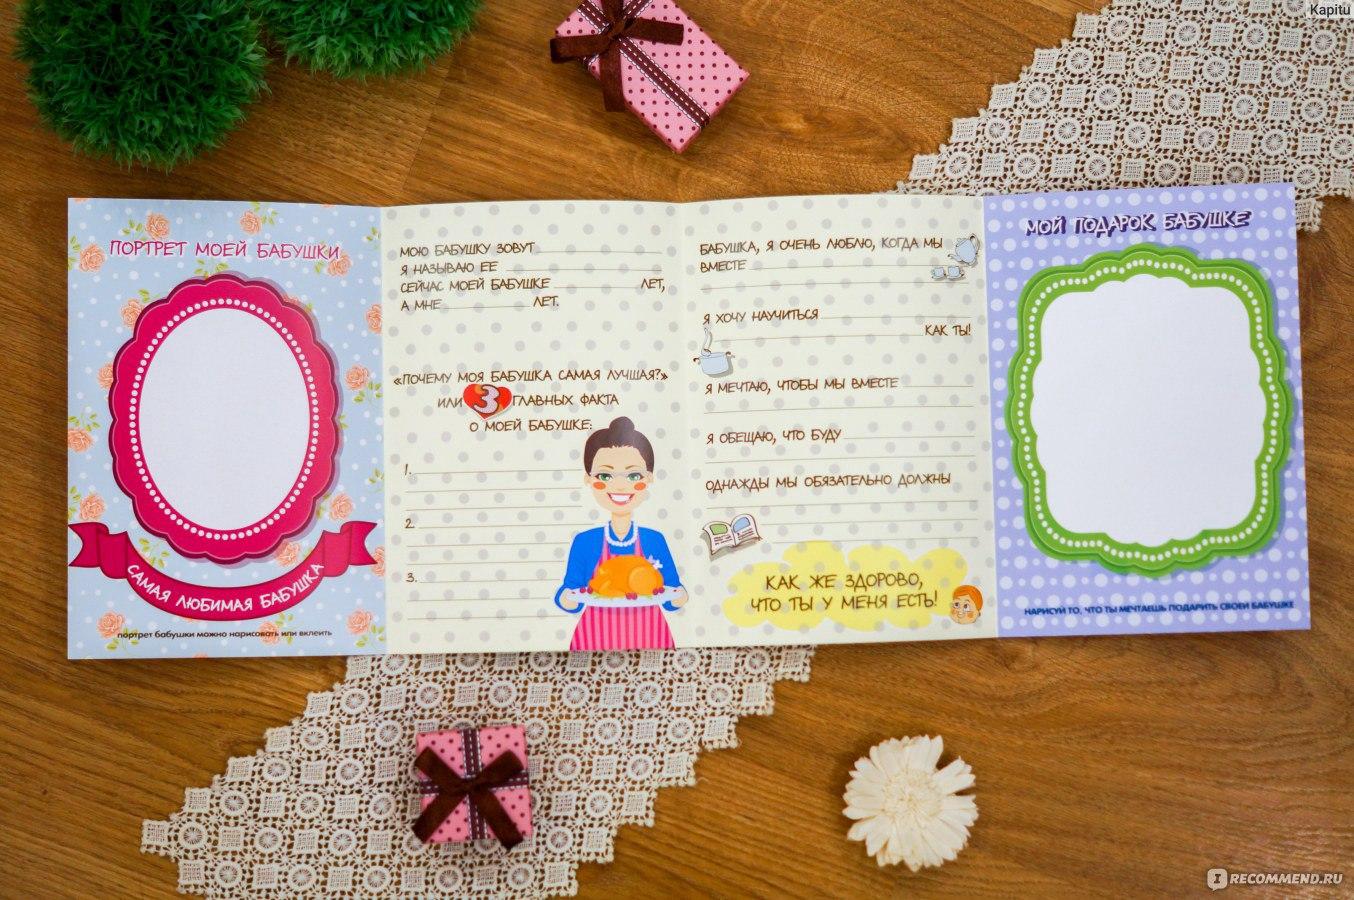 Открытка для бабушки своими руками на день рождения от внучки из бумаги